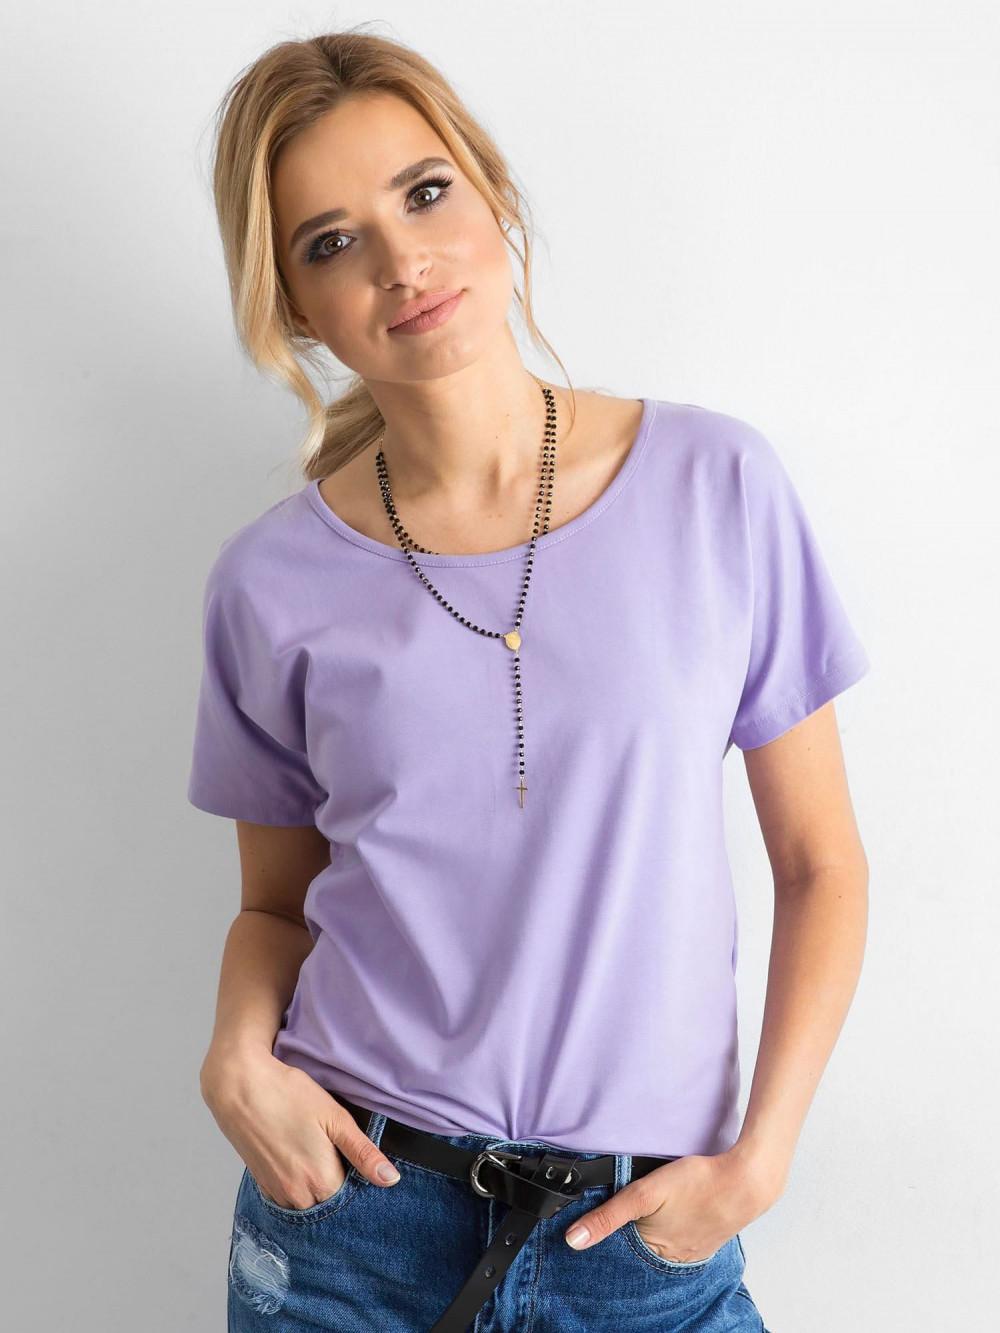 Fioletowy t-shirt z wycięciem na plecach Sofie 1